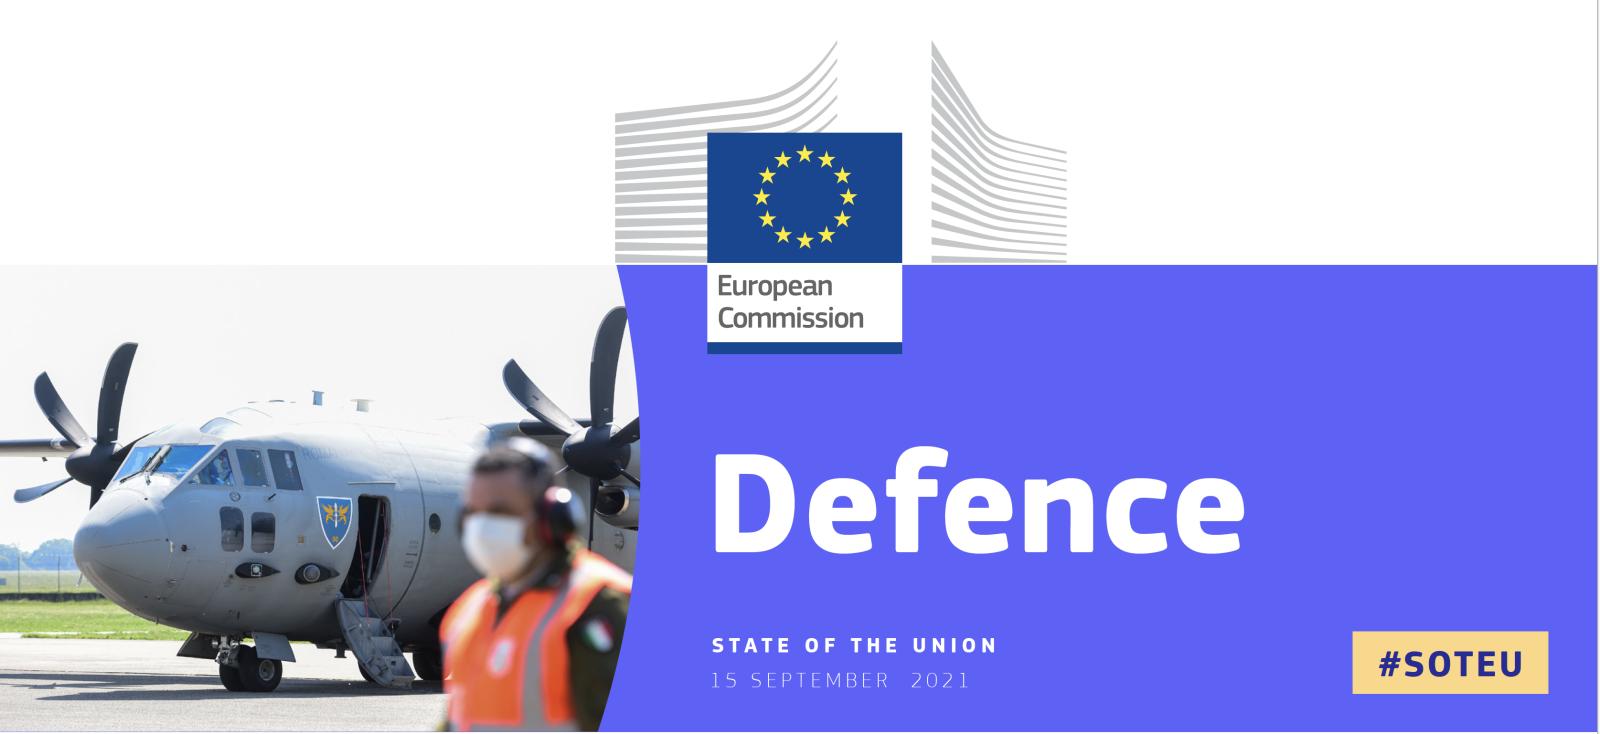 Fra EUs faktaark fra Ursula von der Leyens årstale om Den europeiske unionens tilstand.